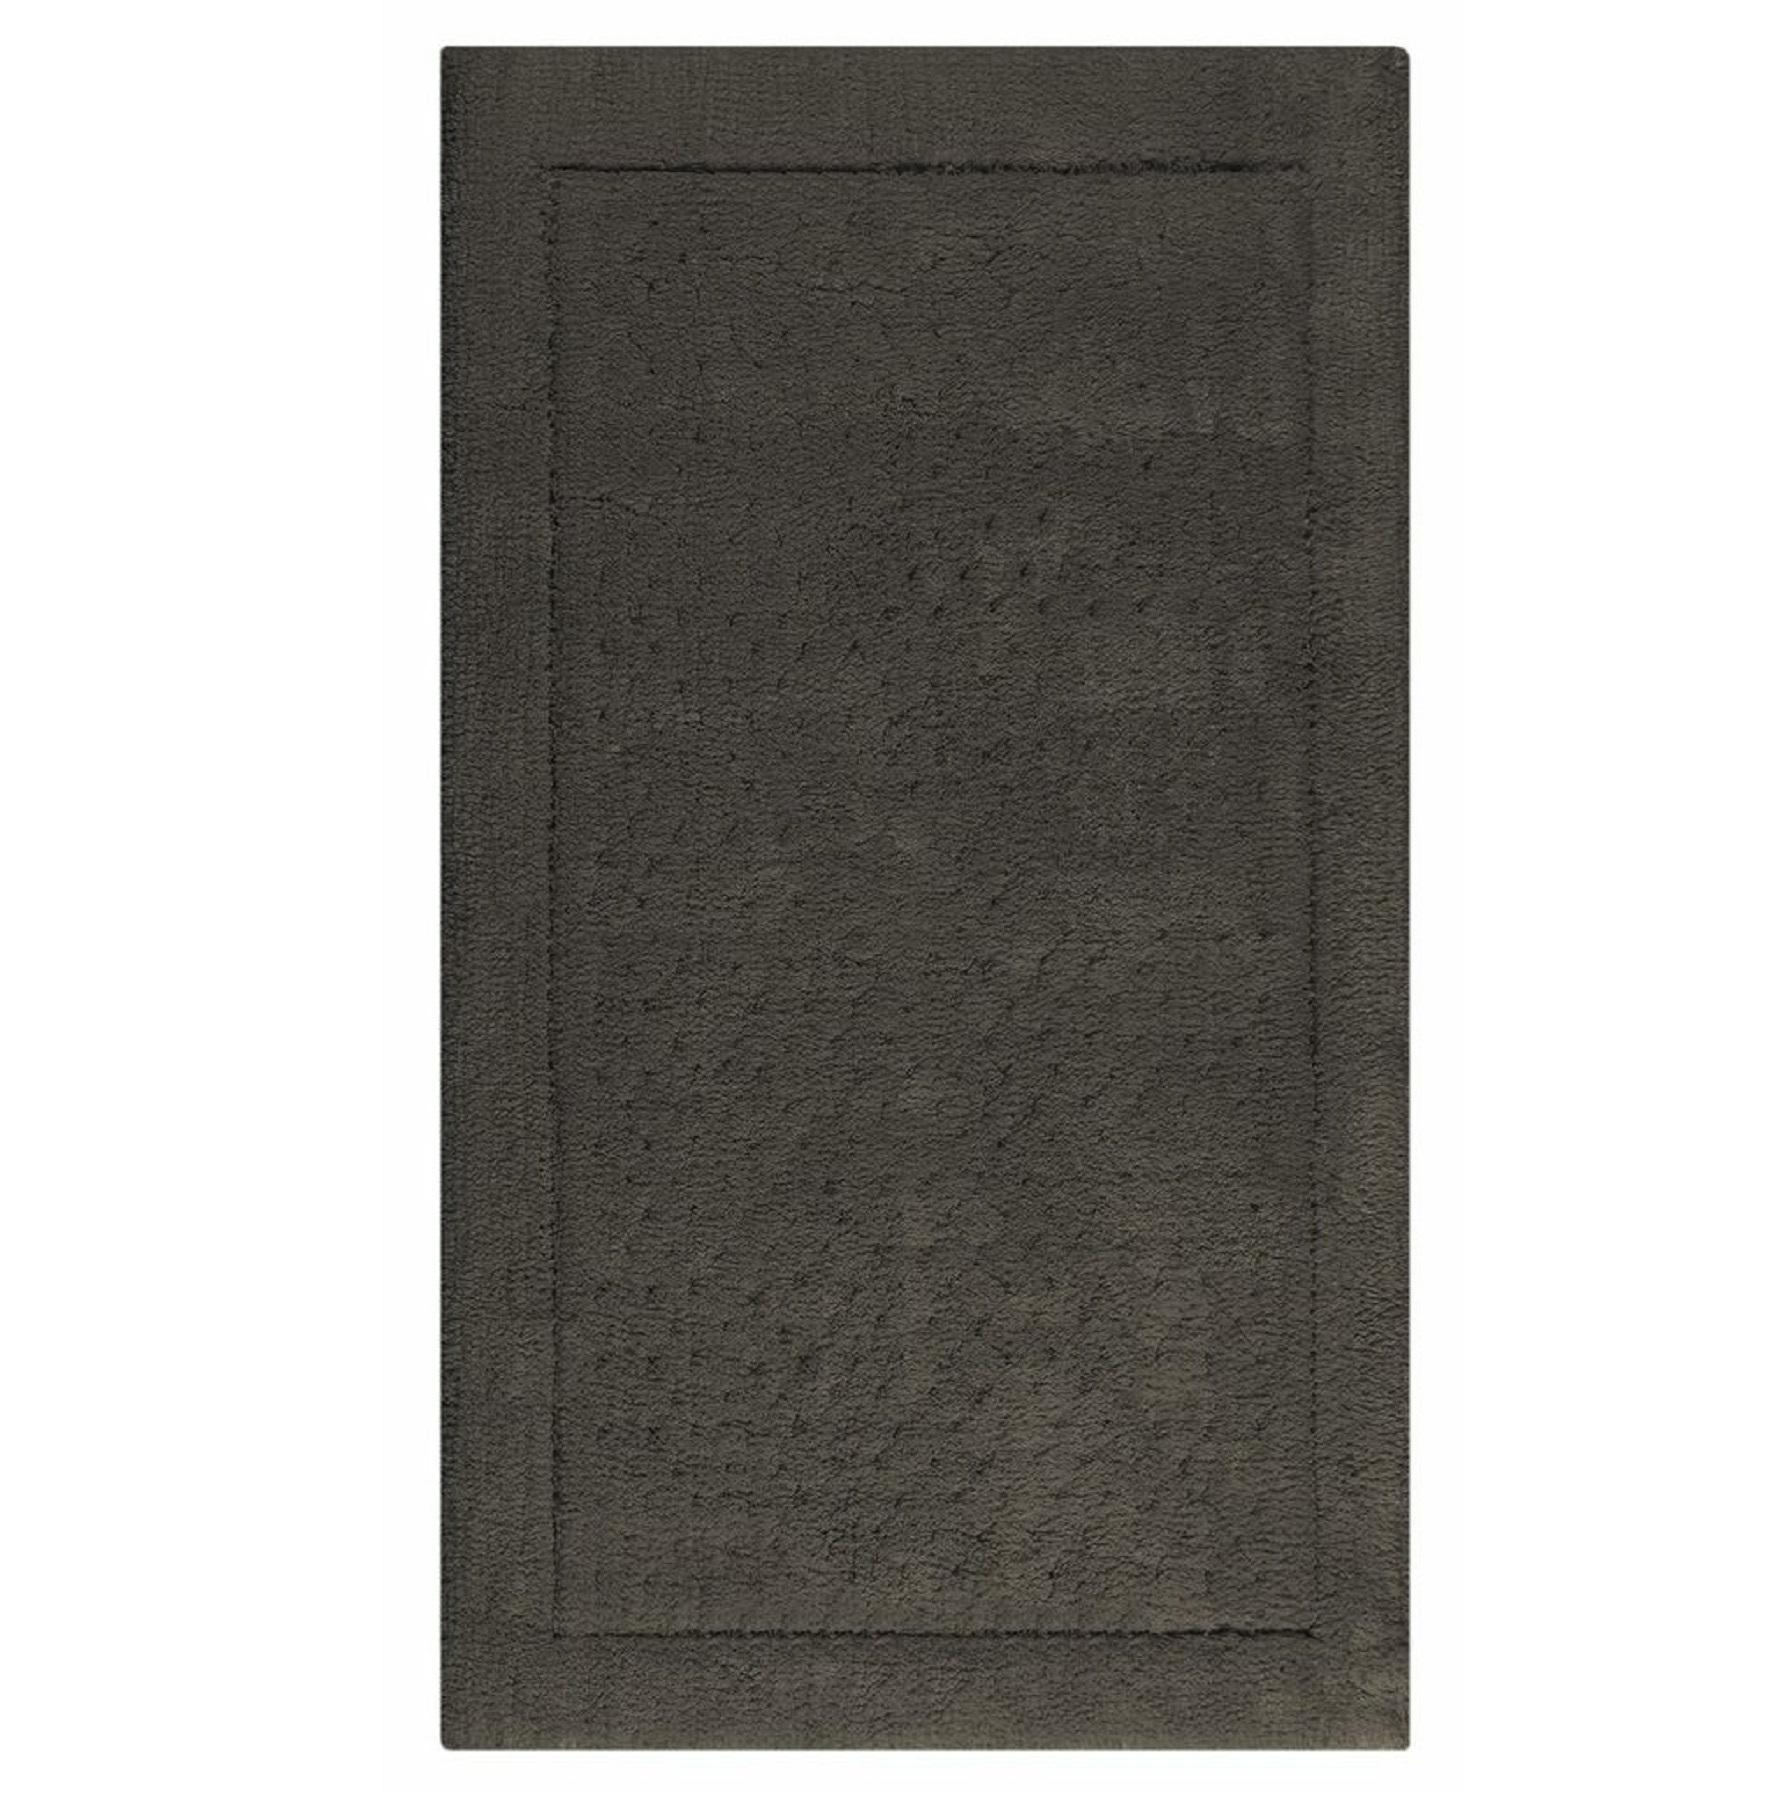 Элитный коврик для ванной Sublime Dark Anthracite от Kassatex